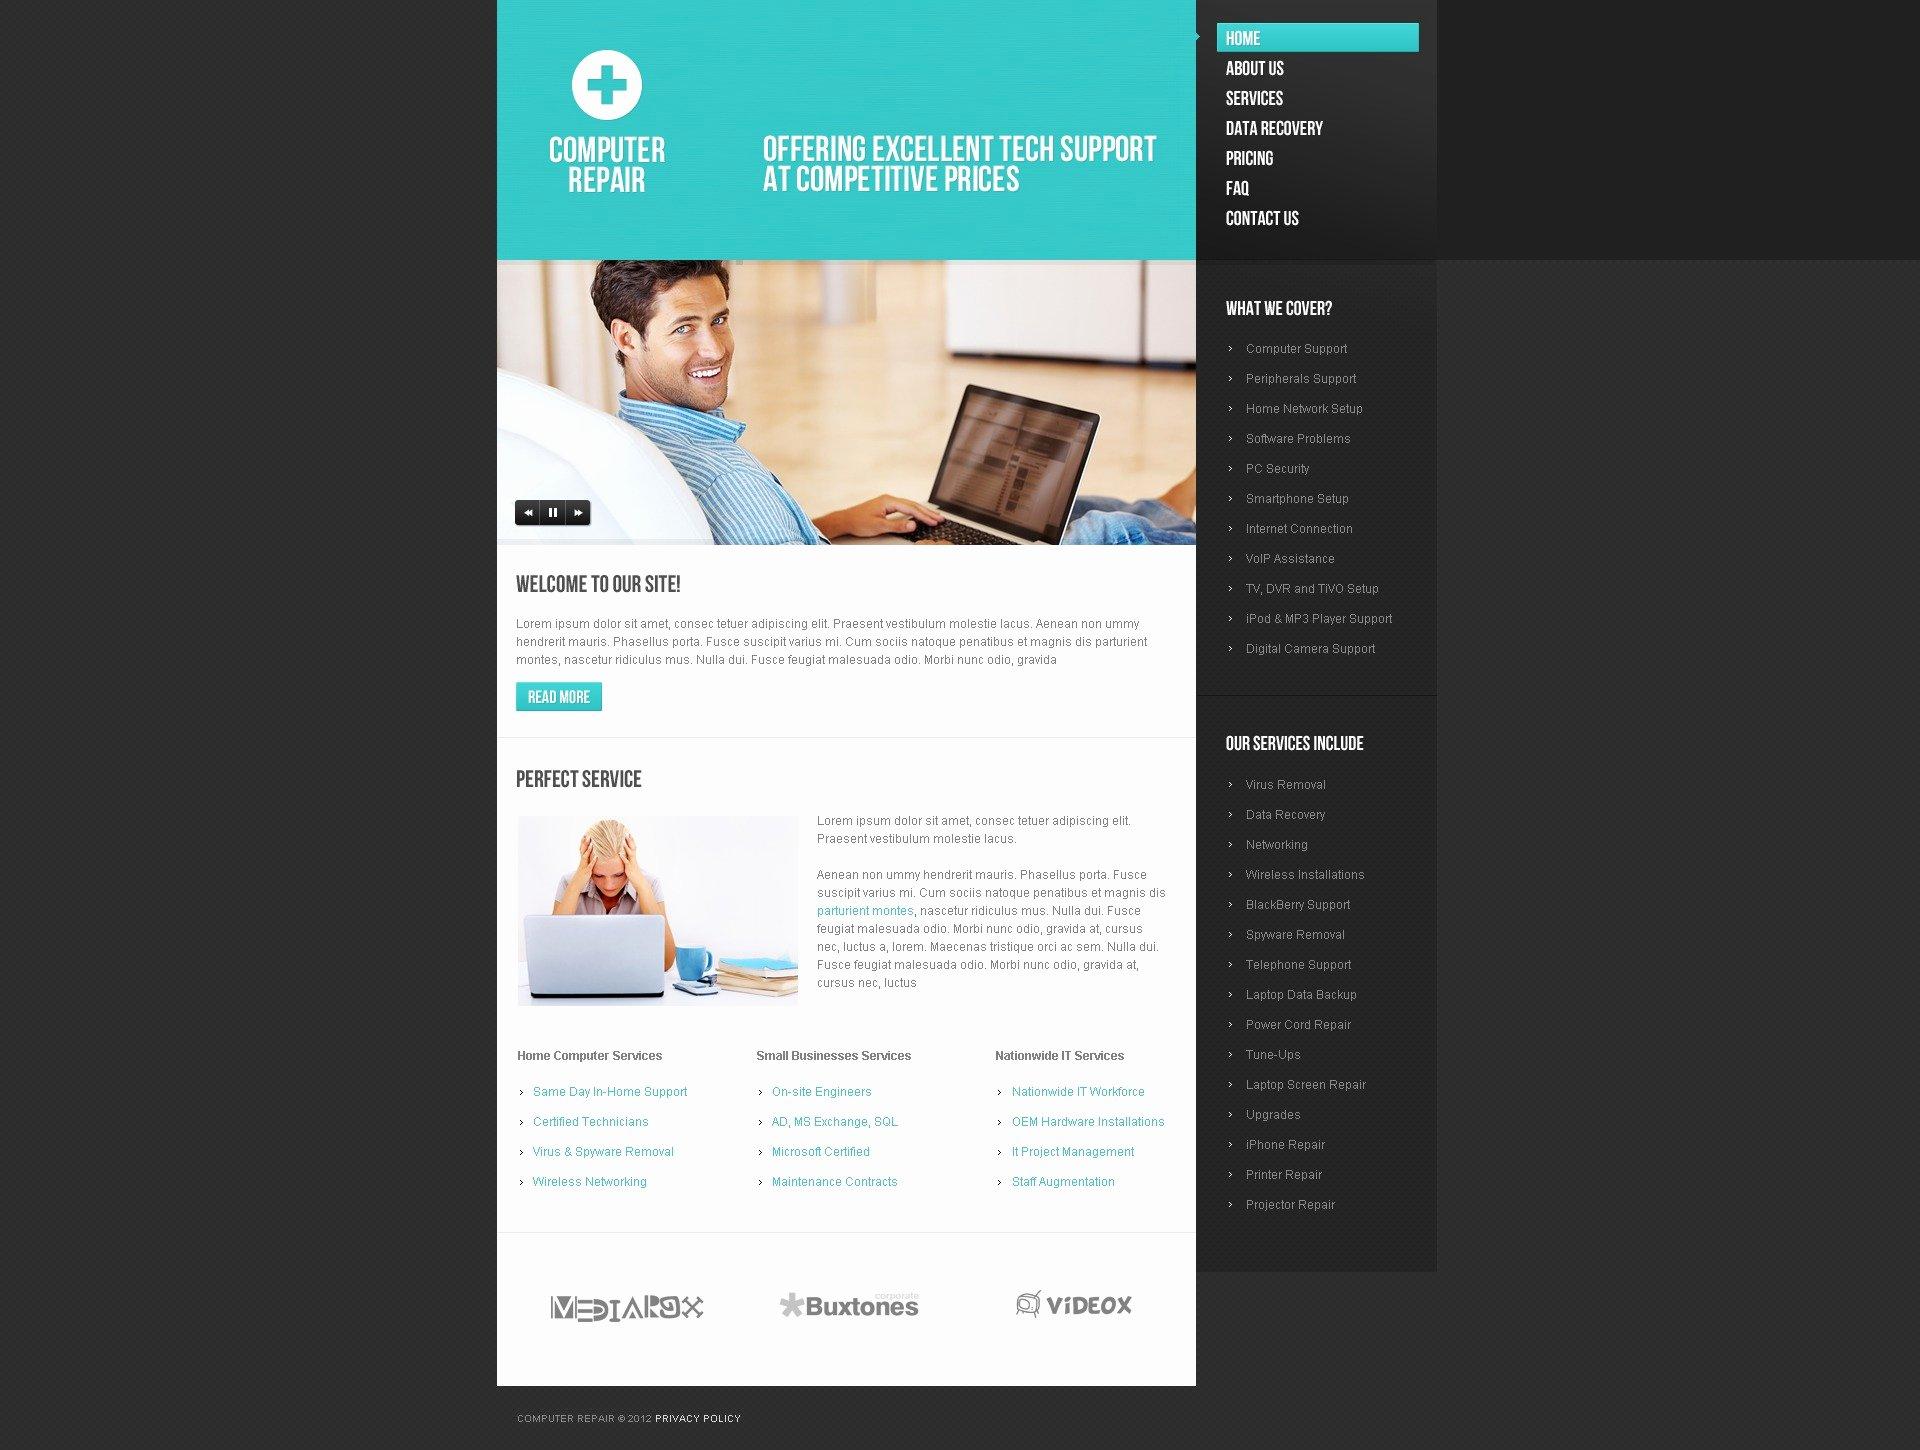 Computer Repair Web Templates Beautiful Puter Repair Website Template